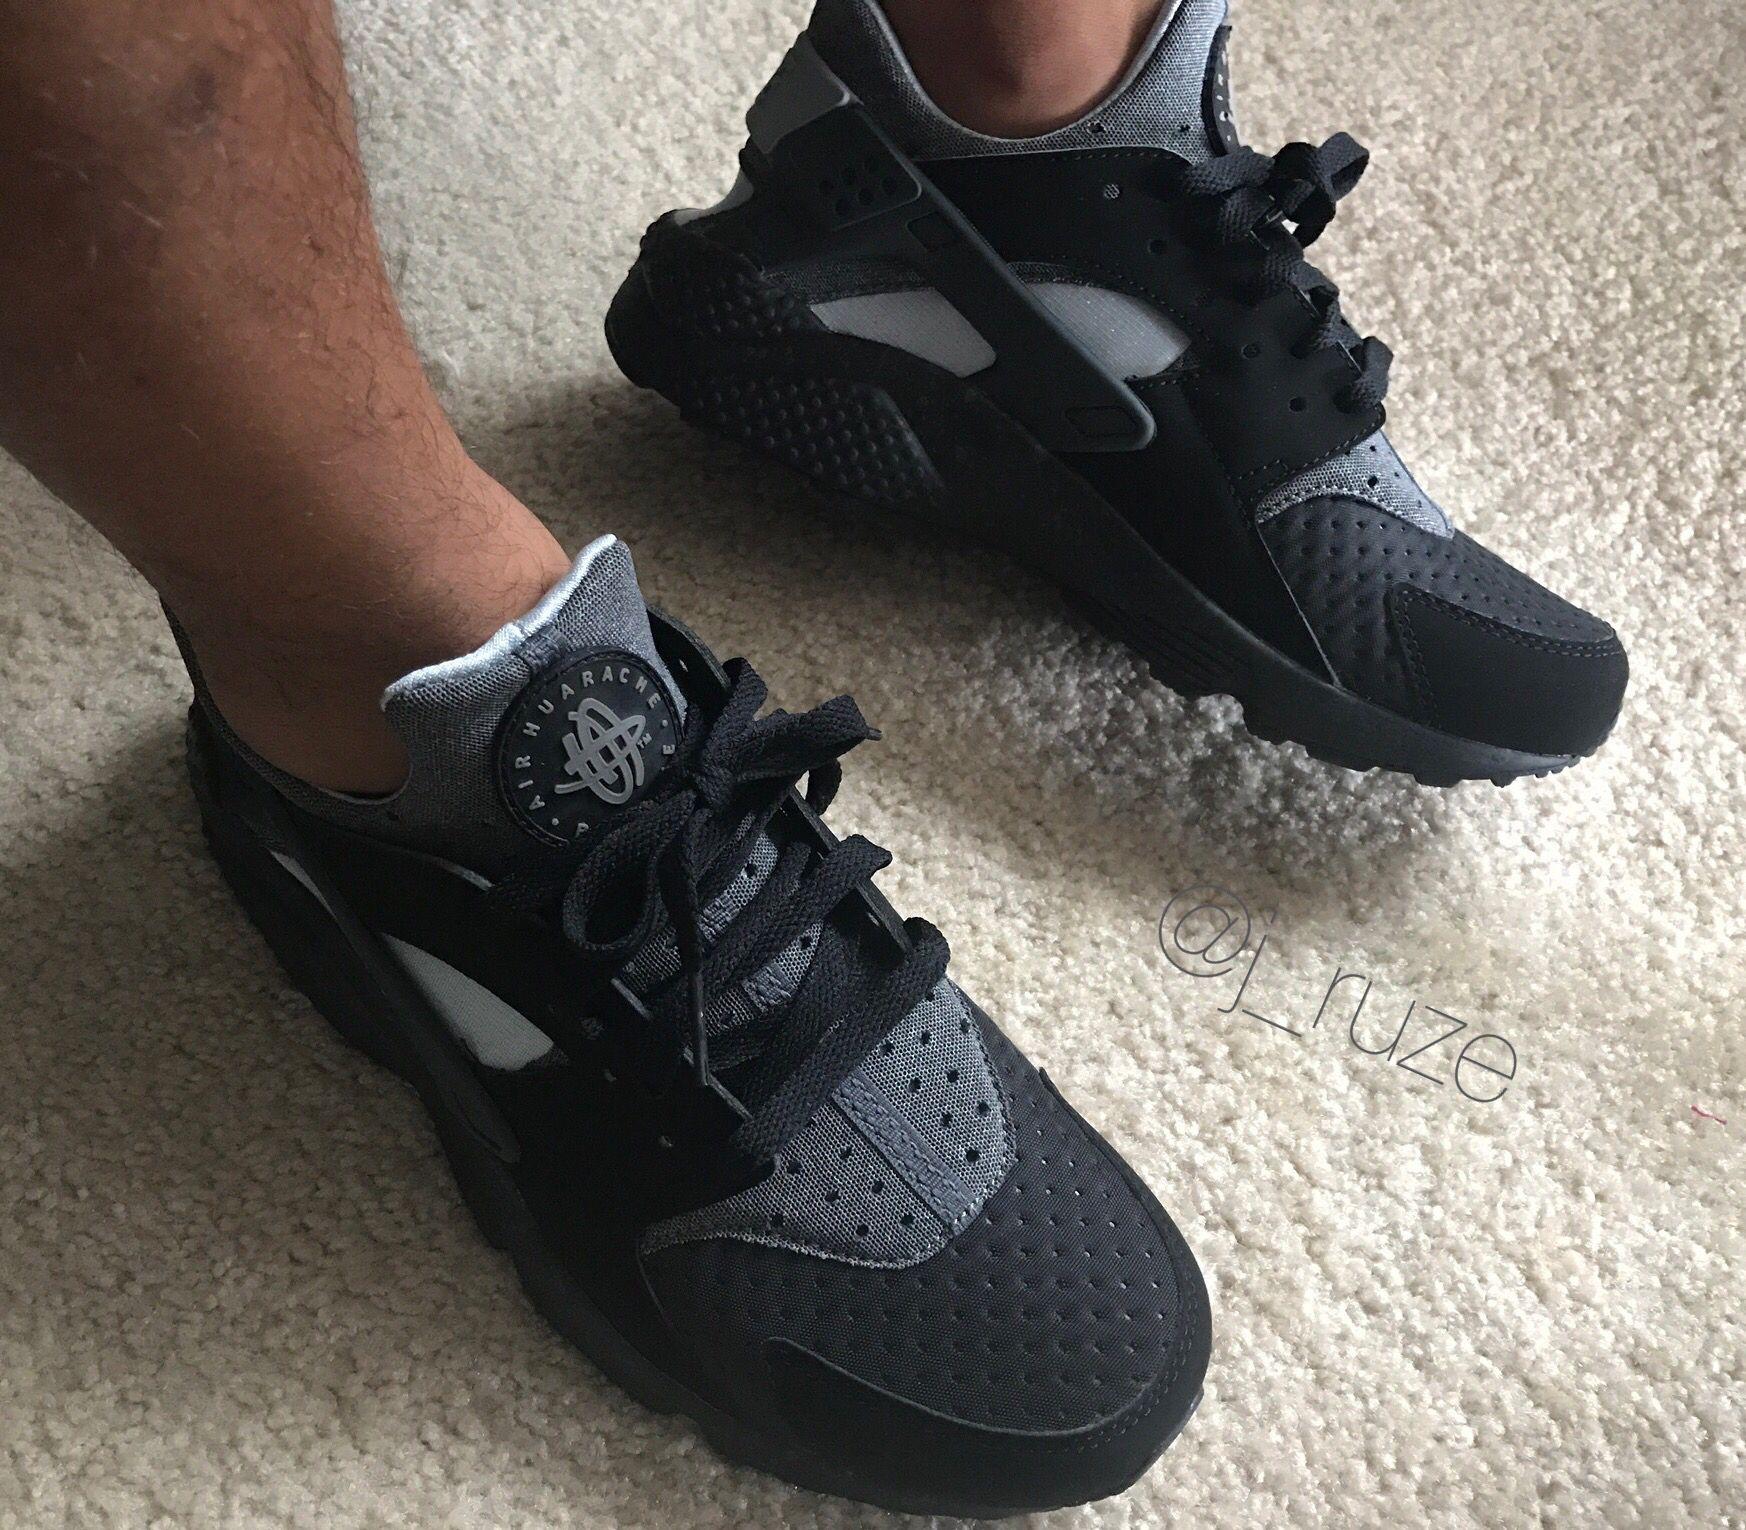 purchase cheap 91ae9 2e67e Nike Air Huarache black   wolf grey   anthracite on feet fall 2016